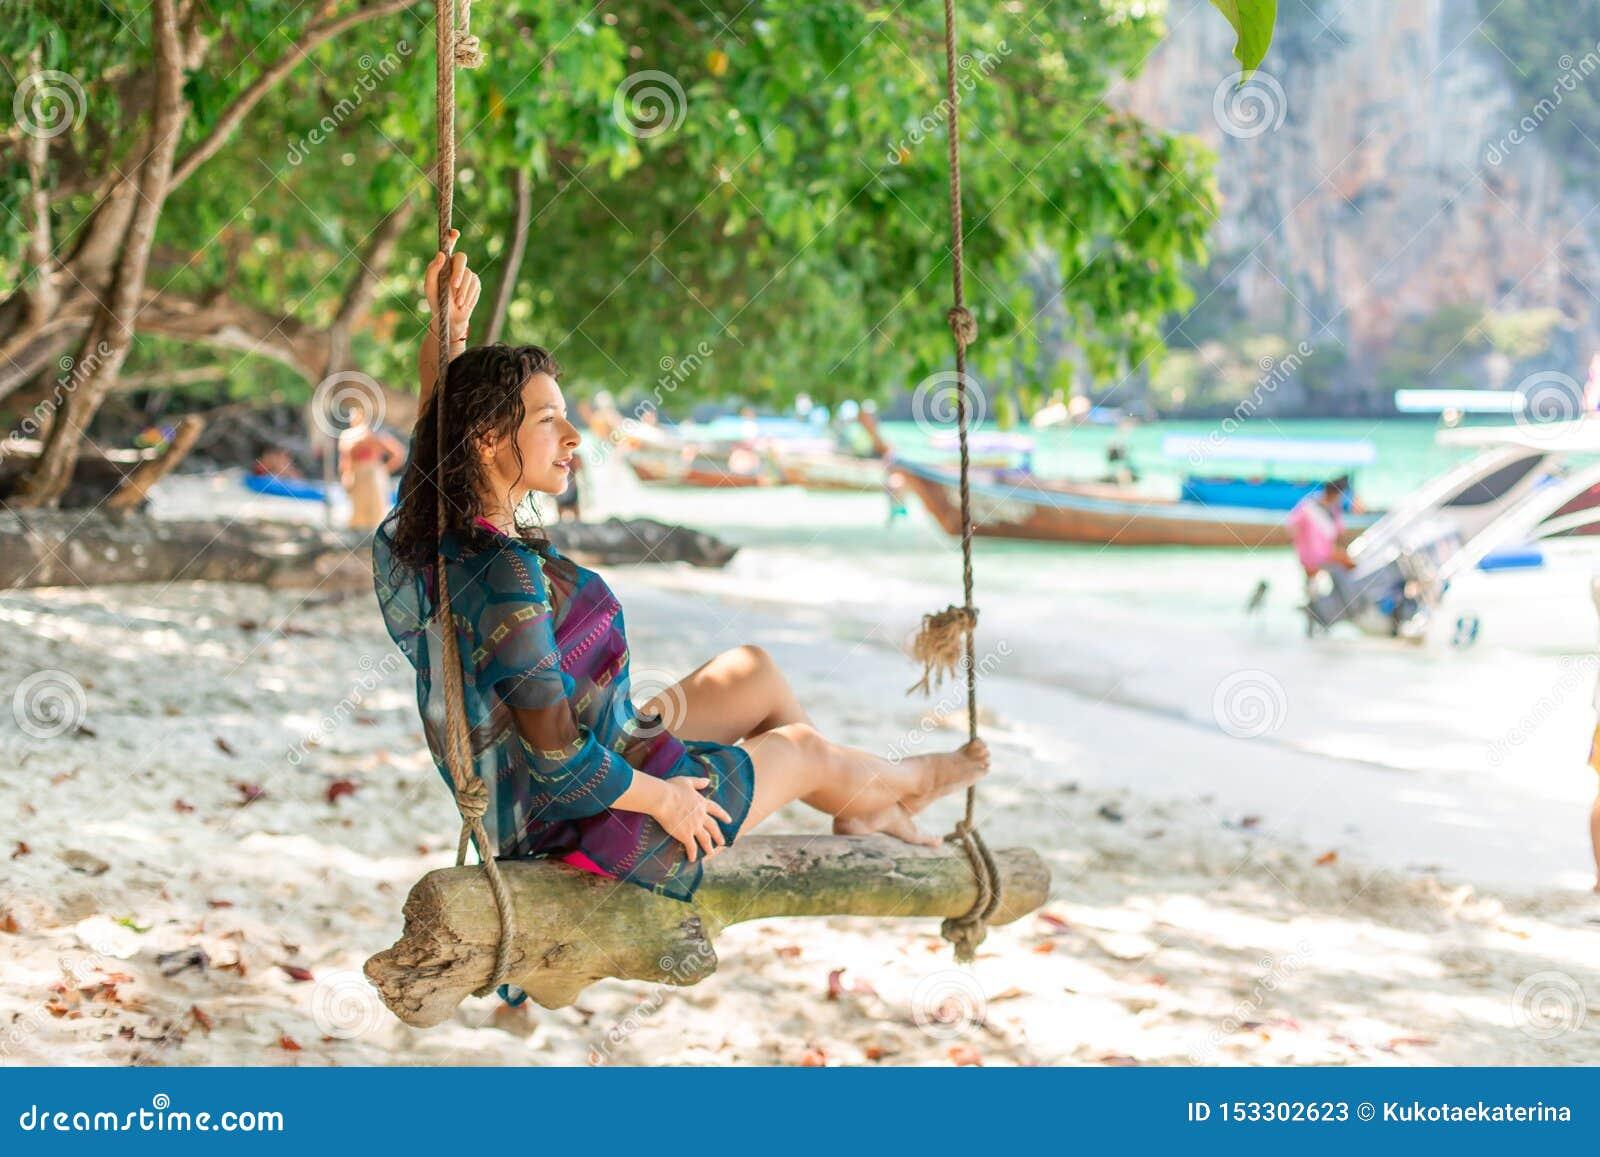 Το λεπτό προκλητικό πρότυπο κοριτσιών σε μια τοποθέτηση μαγιό σε μια ξύλινη ταλάντευση έδεσε σε ένα δέντρο Στο υπόβαθρο της παραλ